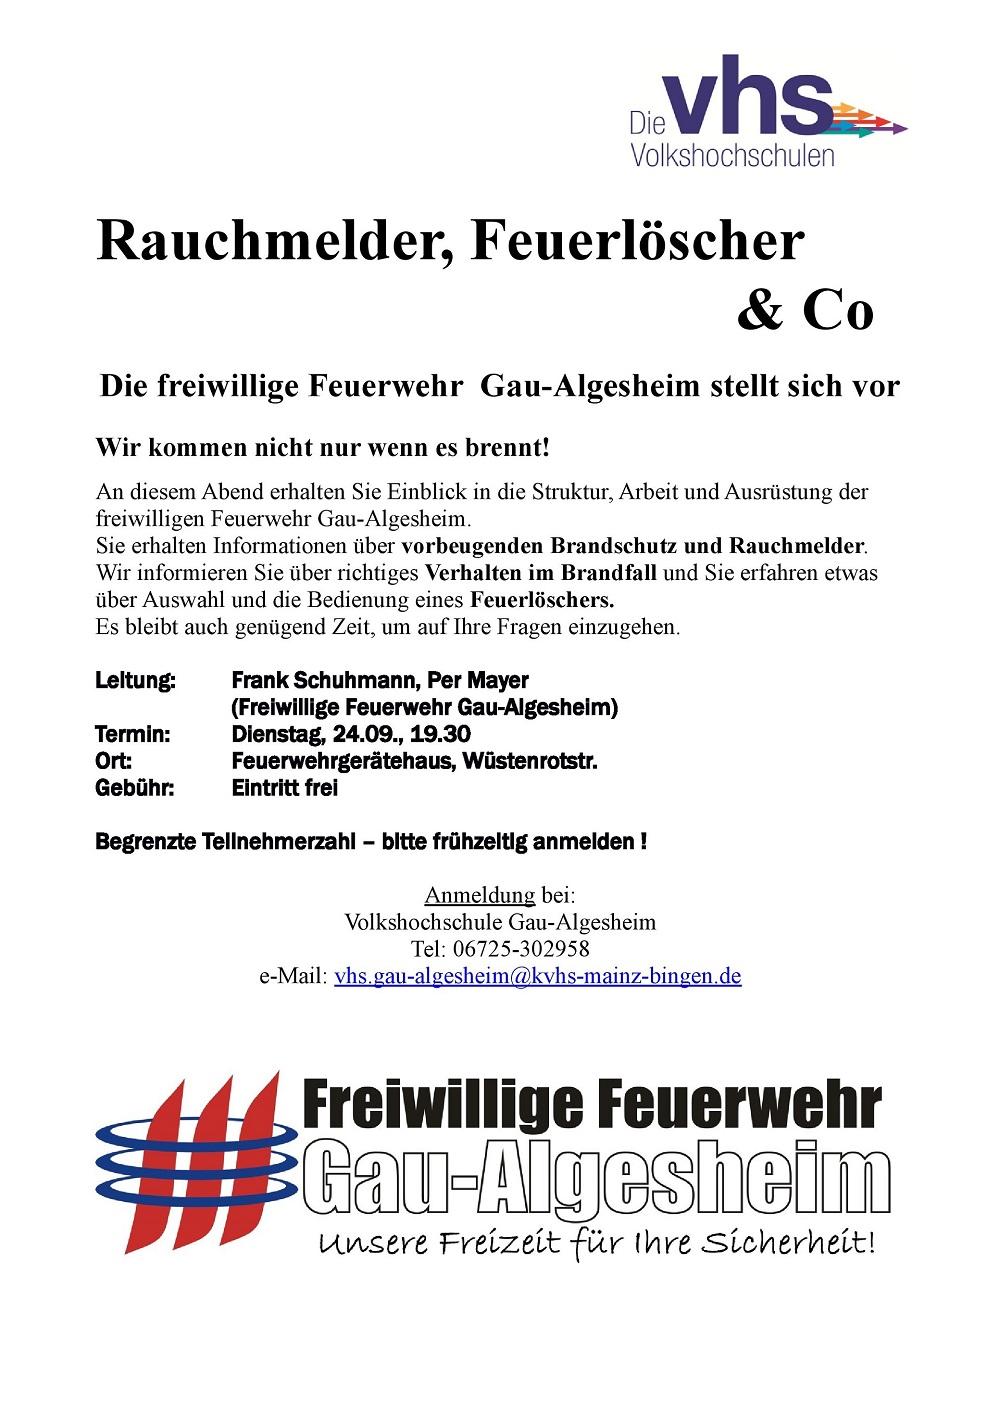 feuerwehr-2013_1